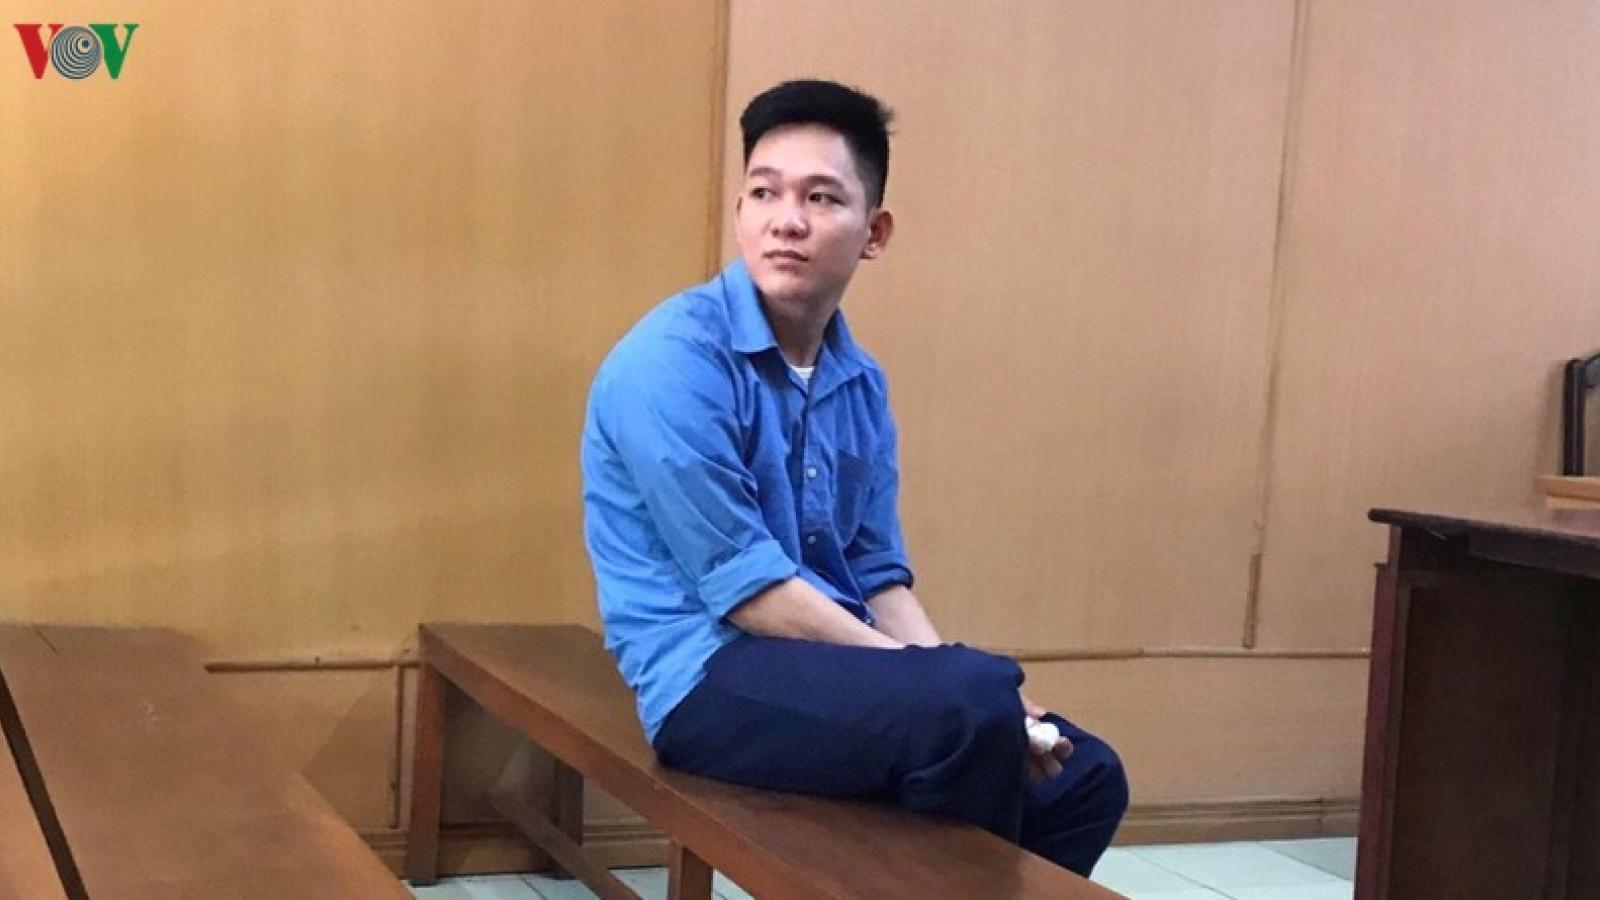 Cựu thiếu úy công an lãnh 18 tháng tù về tội cưỡng đoạt tài sản